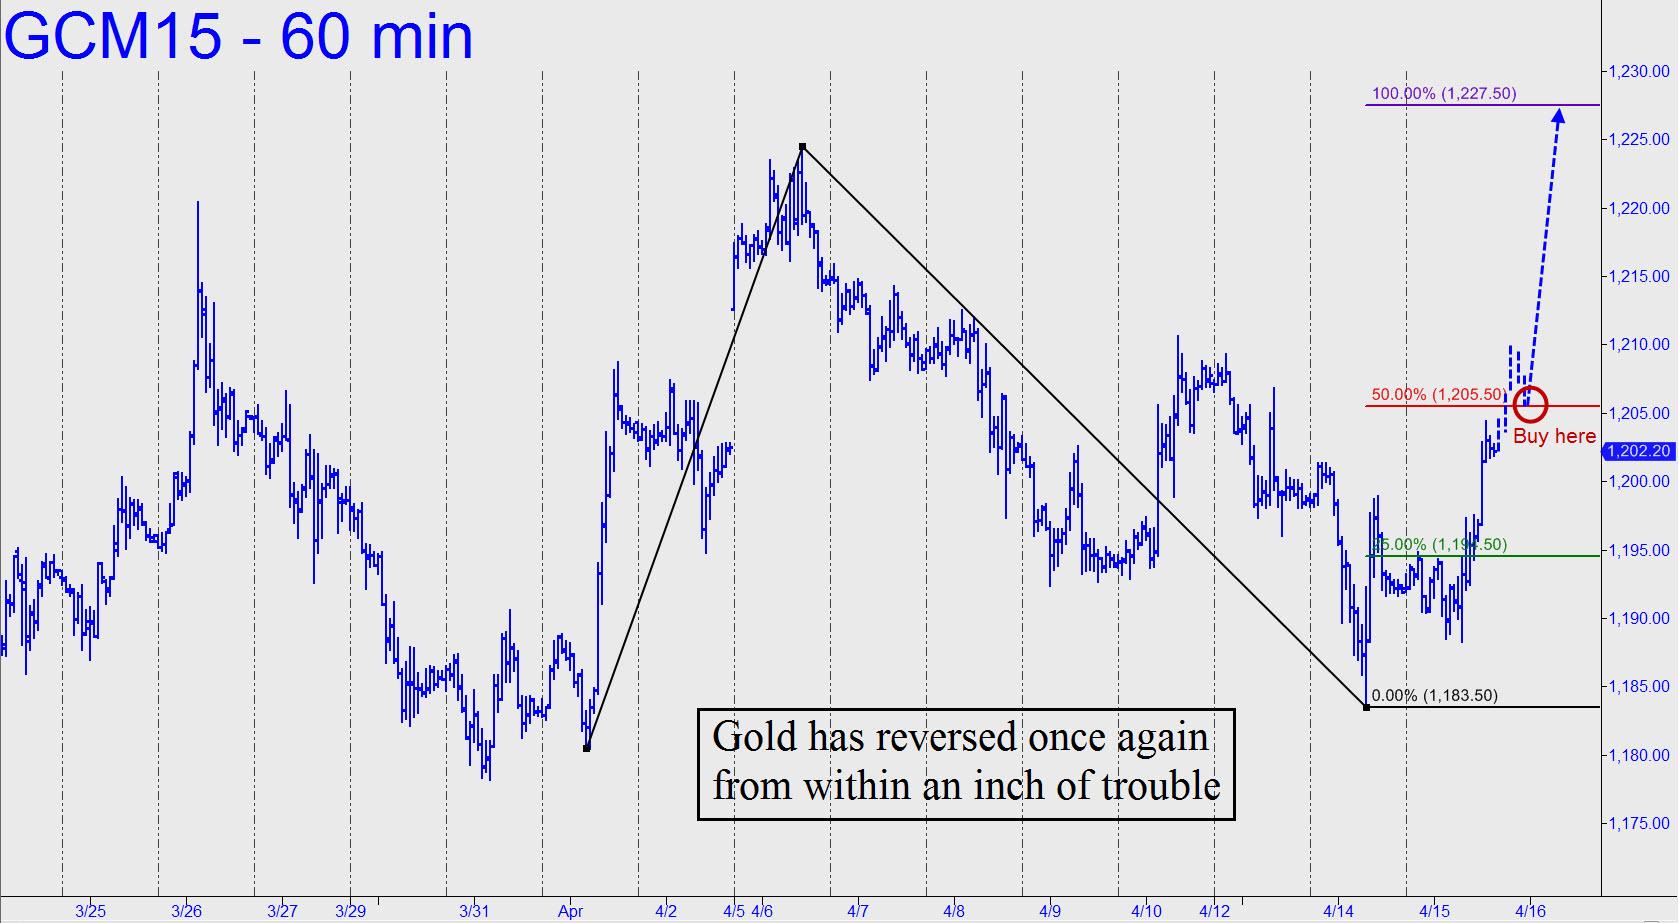 prix de l'or, de l'argent et des minières / suivi 2015 et ultérieurement - Page 3 Gold-has-reversed-again